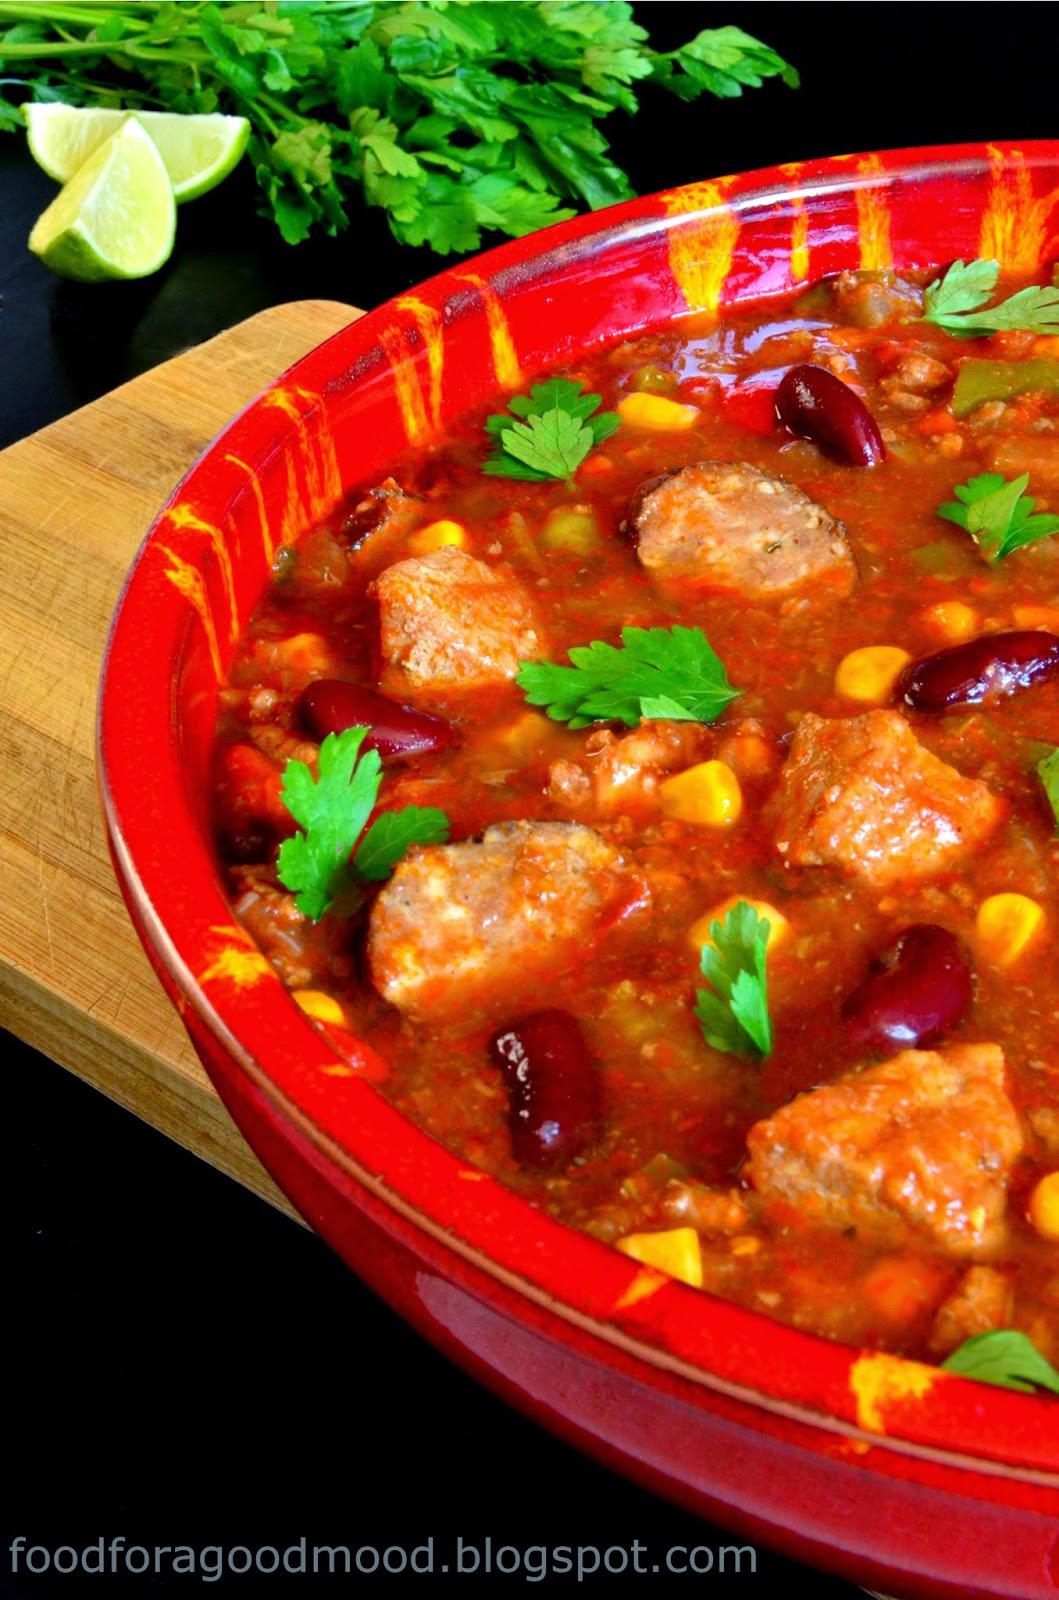 Trudno jednoznacznie stwierdzić, z jakiego kraju wywodzi się to danie. Jedni twierdzą, że z Meksyku, drudzy uważają chilli con carne za wytwór amerykańskiego fast foodu. Pewne natomiast jest jedno: potrawa kusi bogactwem smaku, syci i przyjemnie rozgrzewa. Podstawowe składniki to: posiekane lub mielone mięso, papryczka chilli i fasola, choć często dodaje się również pomidory, paprykę i kukurydzę. Co istotne – ostry smak wcale nie dominuje, a raczej optymalnie podkręca całość. Ma to znaczenie szczególnie wtedy, gdy nie jesteście amatorami ostrej kuchni. Chilli con carne podajemy z plackami kukurydzianej tortilli, nachosami lub z ryżem. No więc, kto chętny?